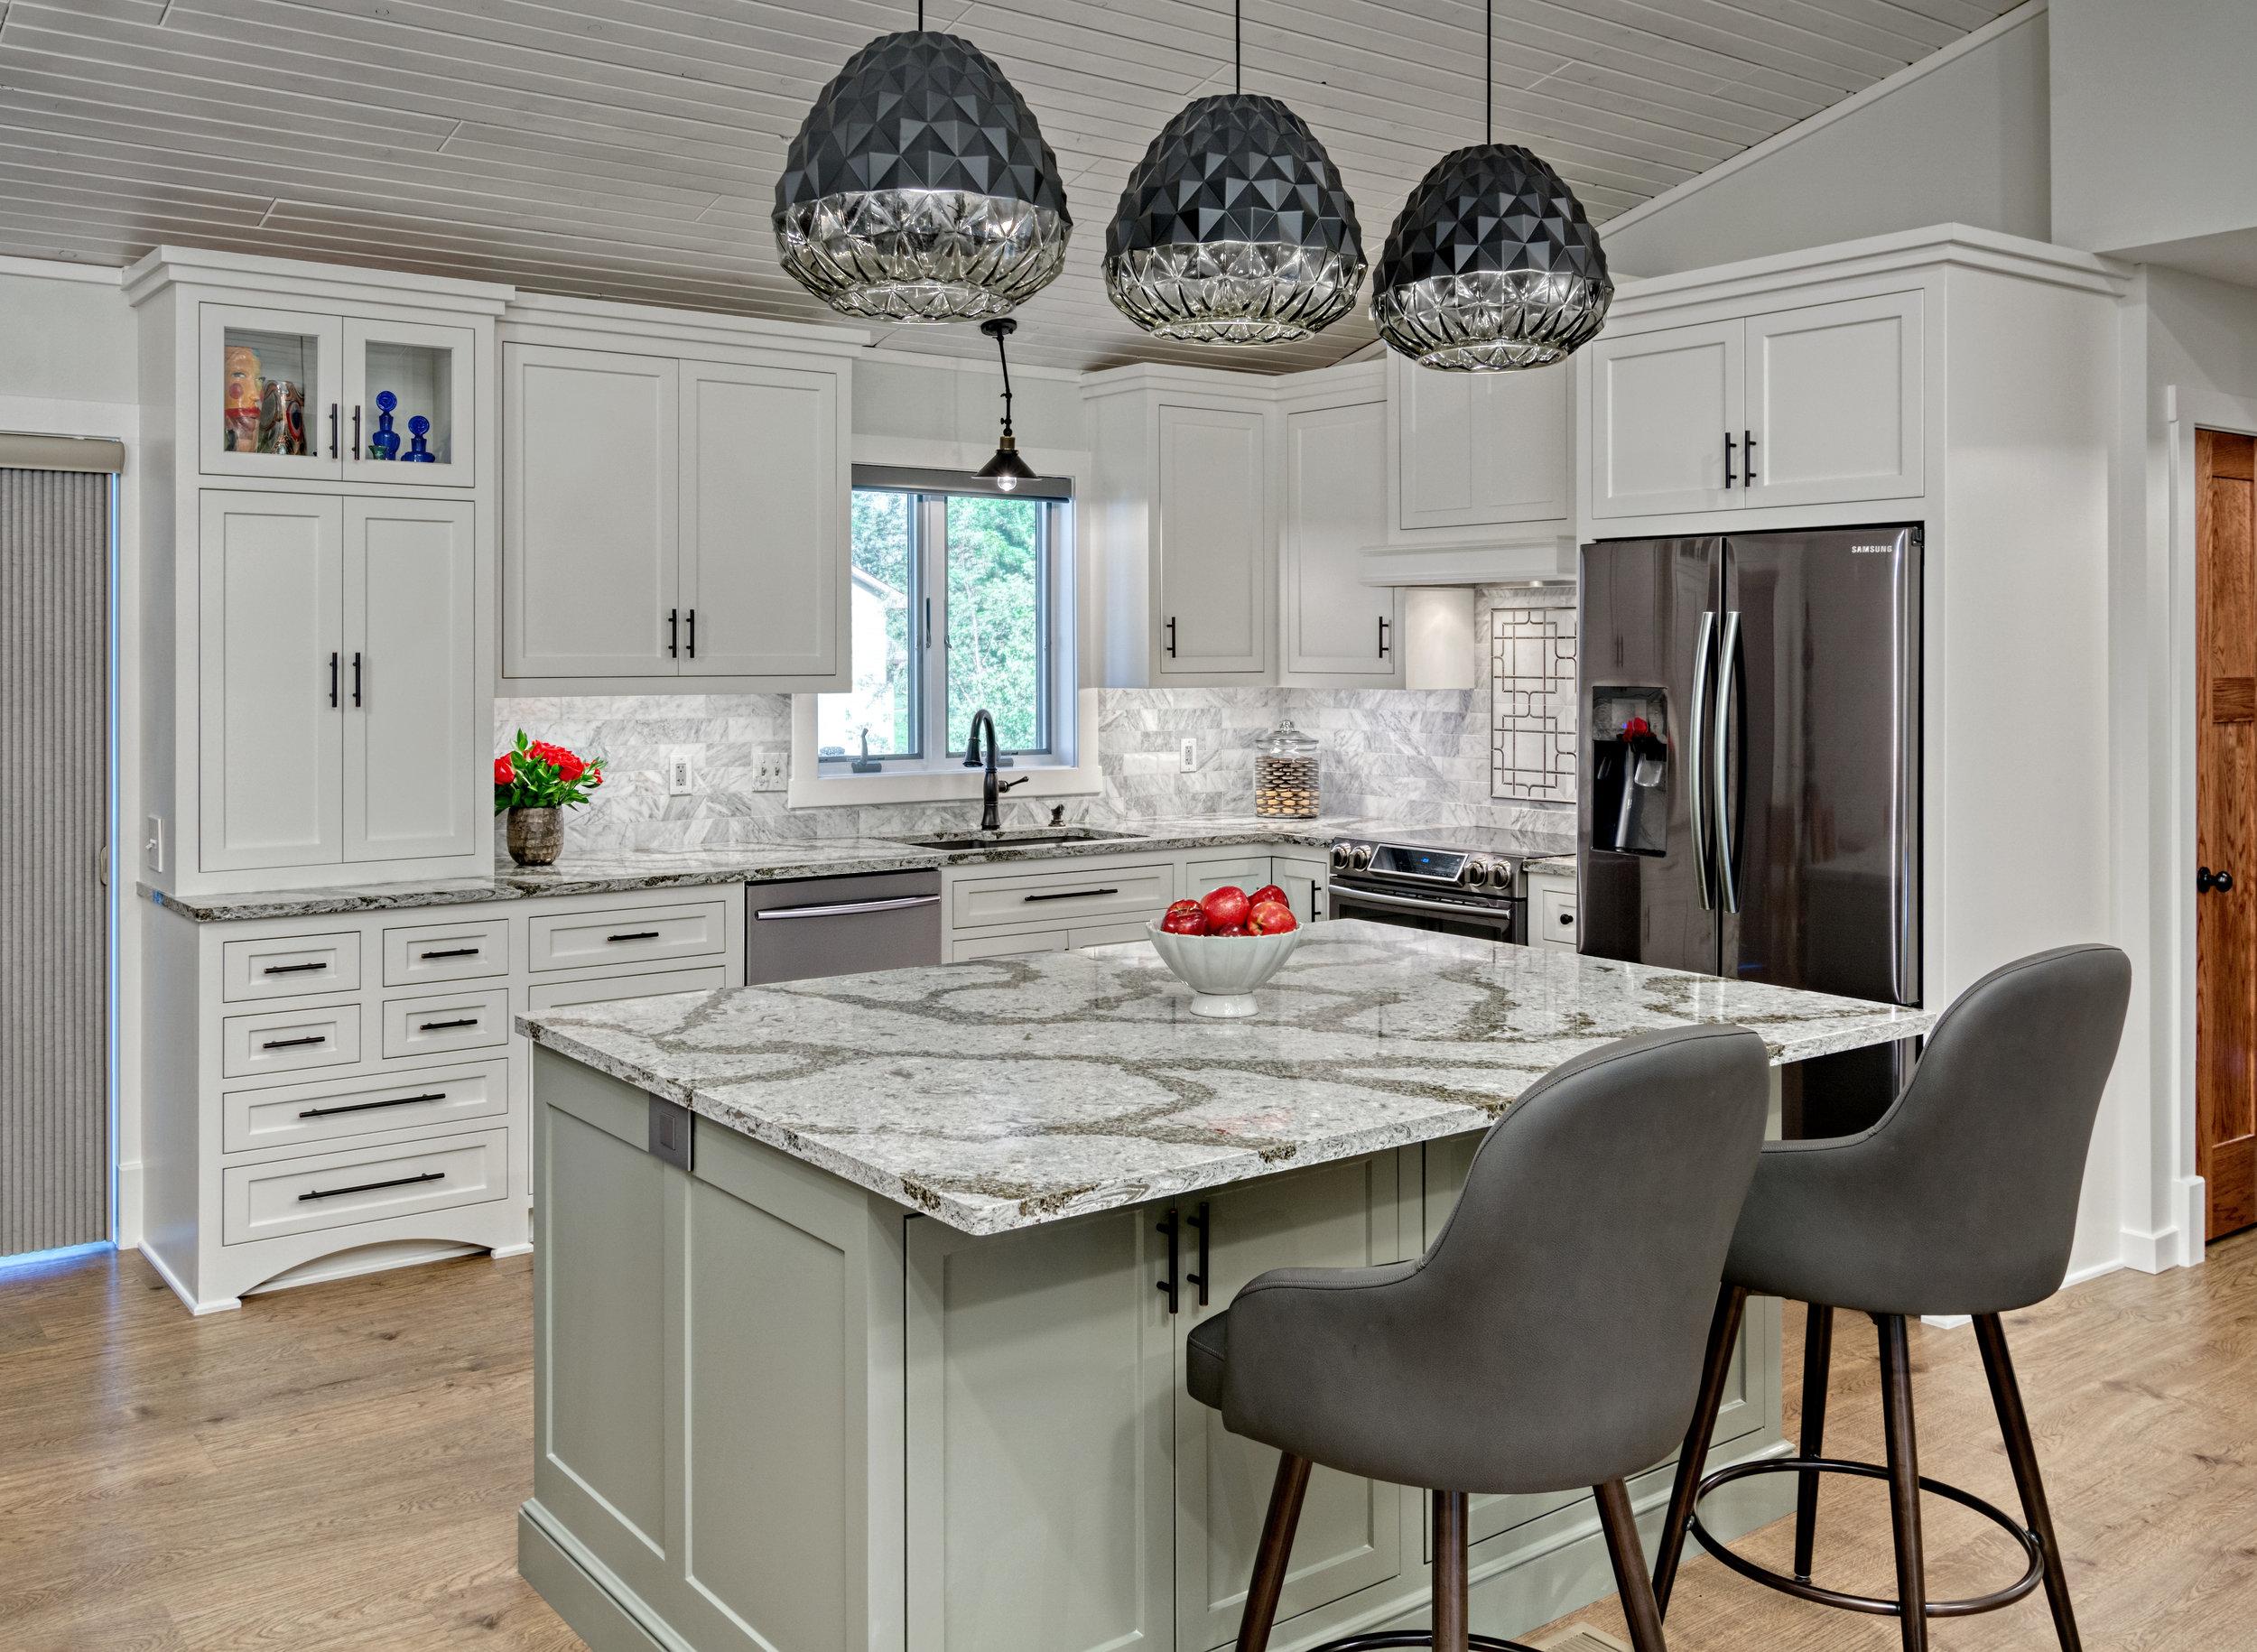 St Cyr kitchen.jpg